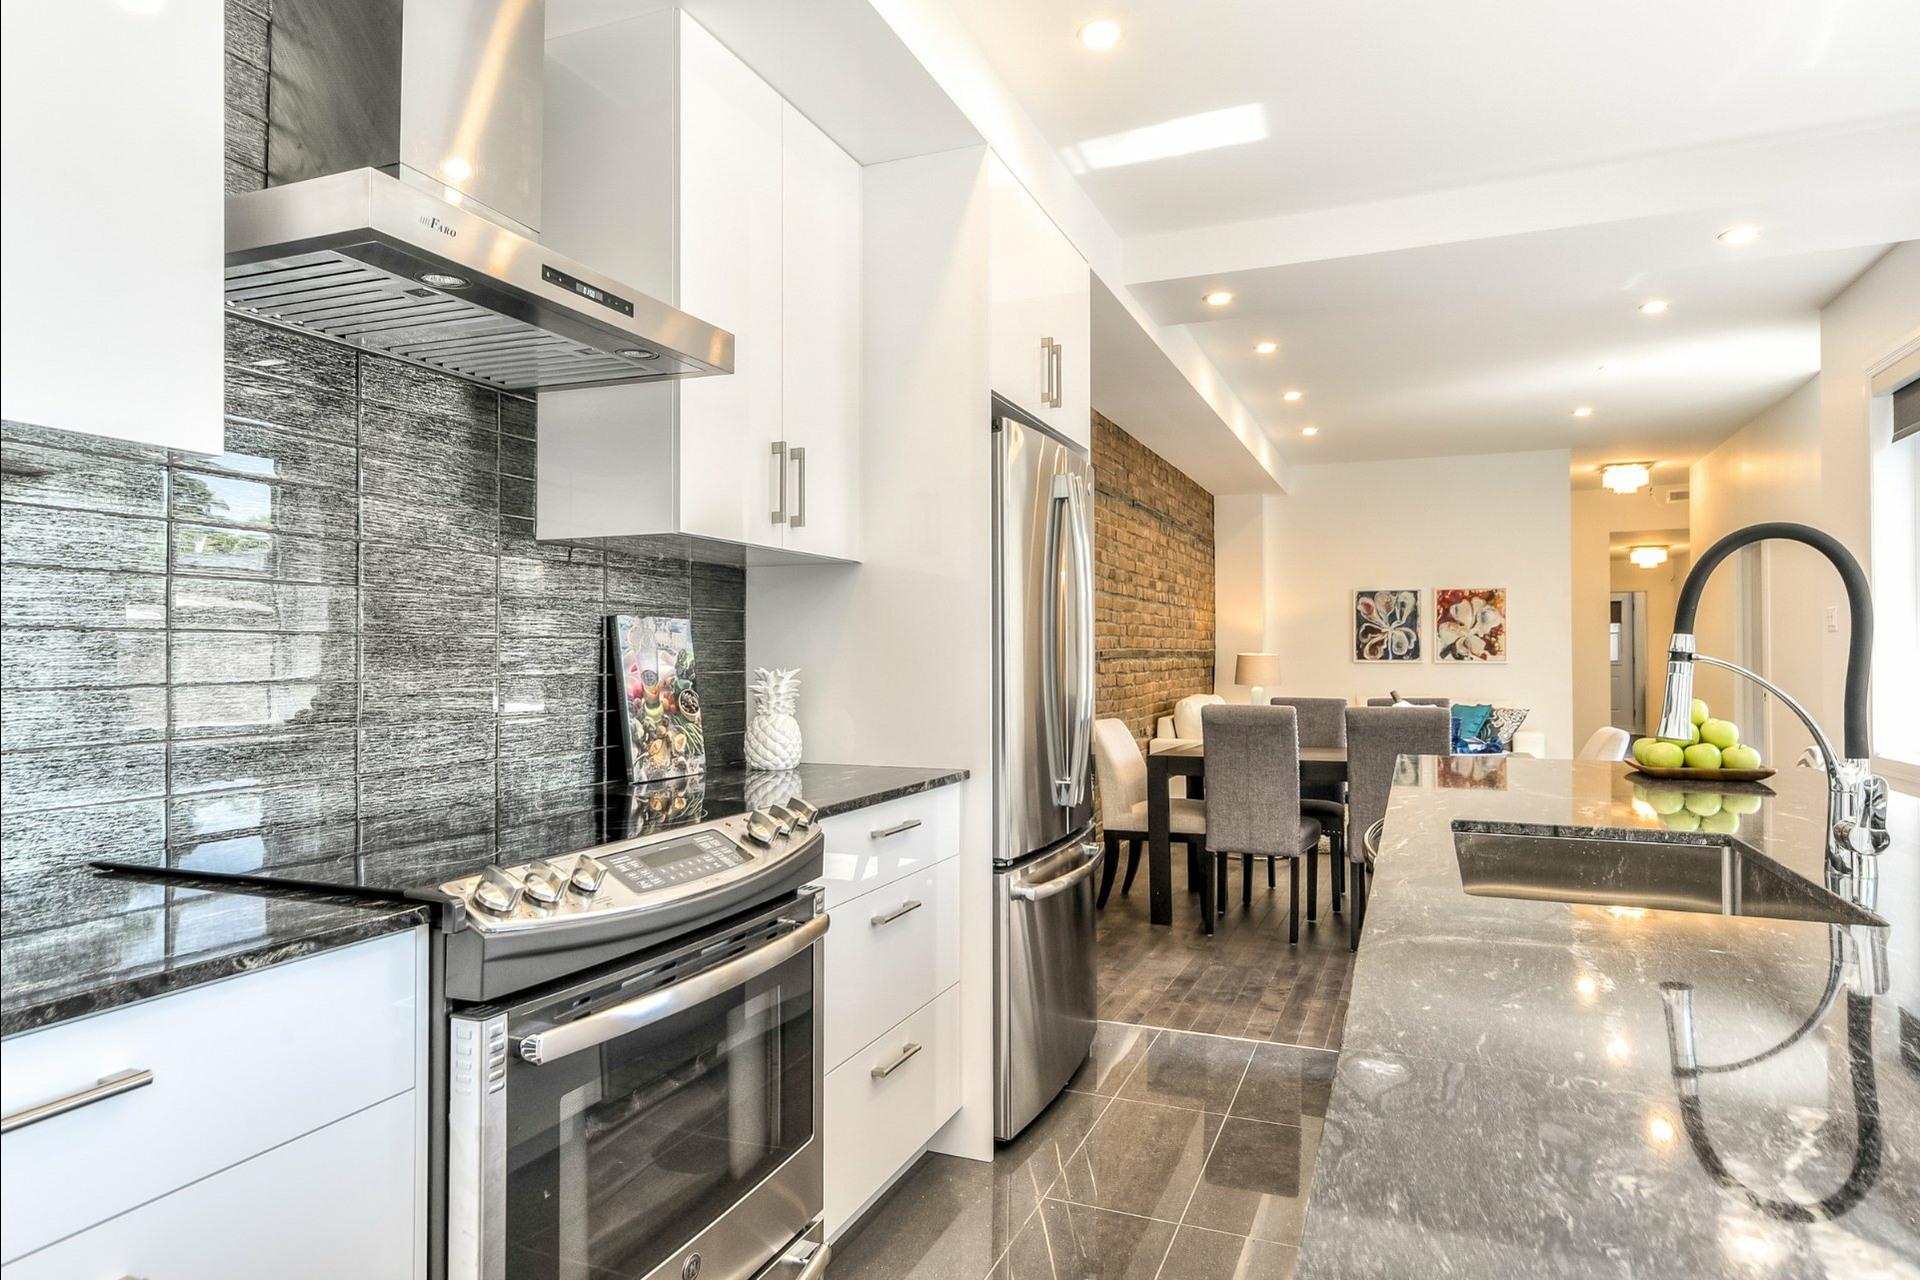 image 5 - Appartement À louer Montréal Le Plateau-Mont-Royal  - 7 pièces